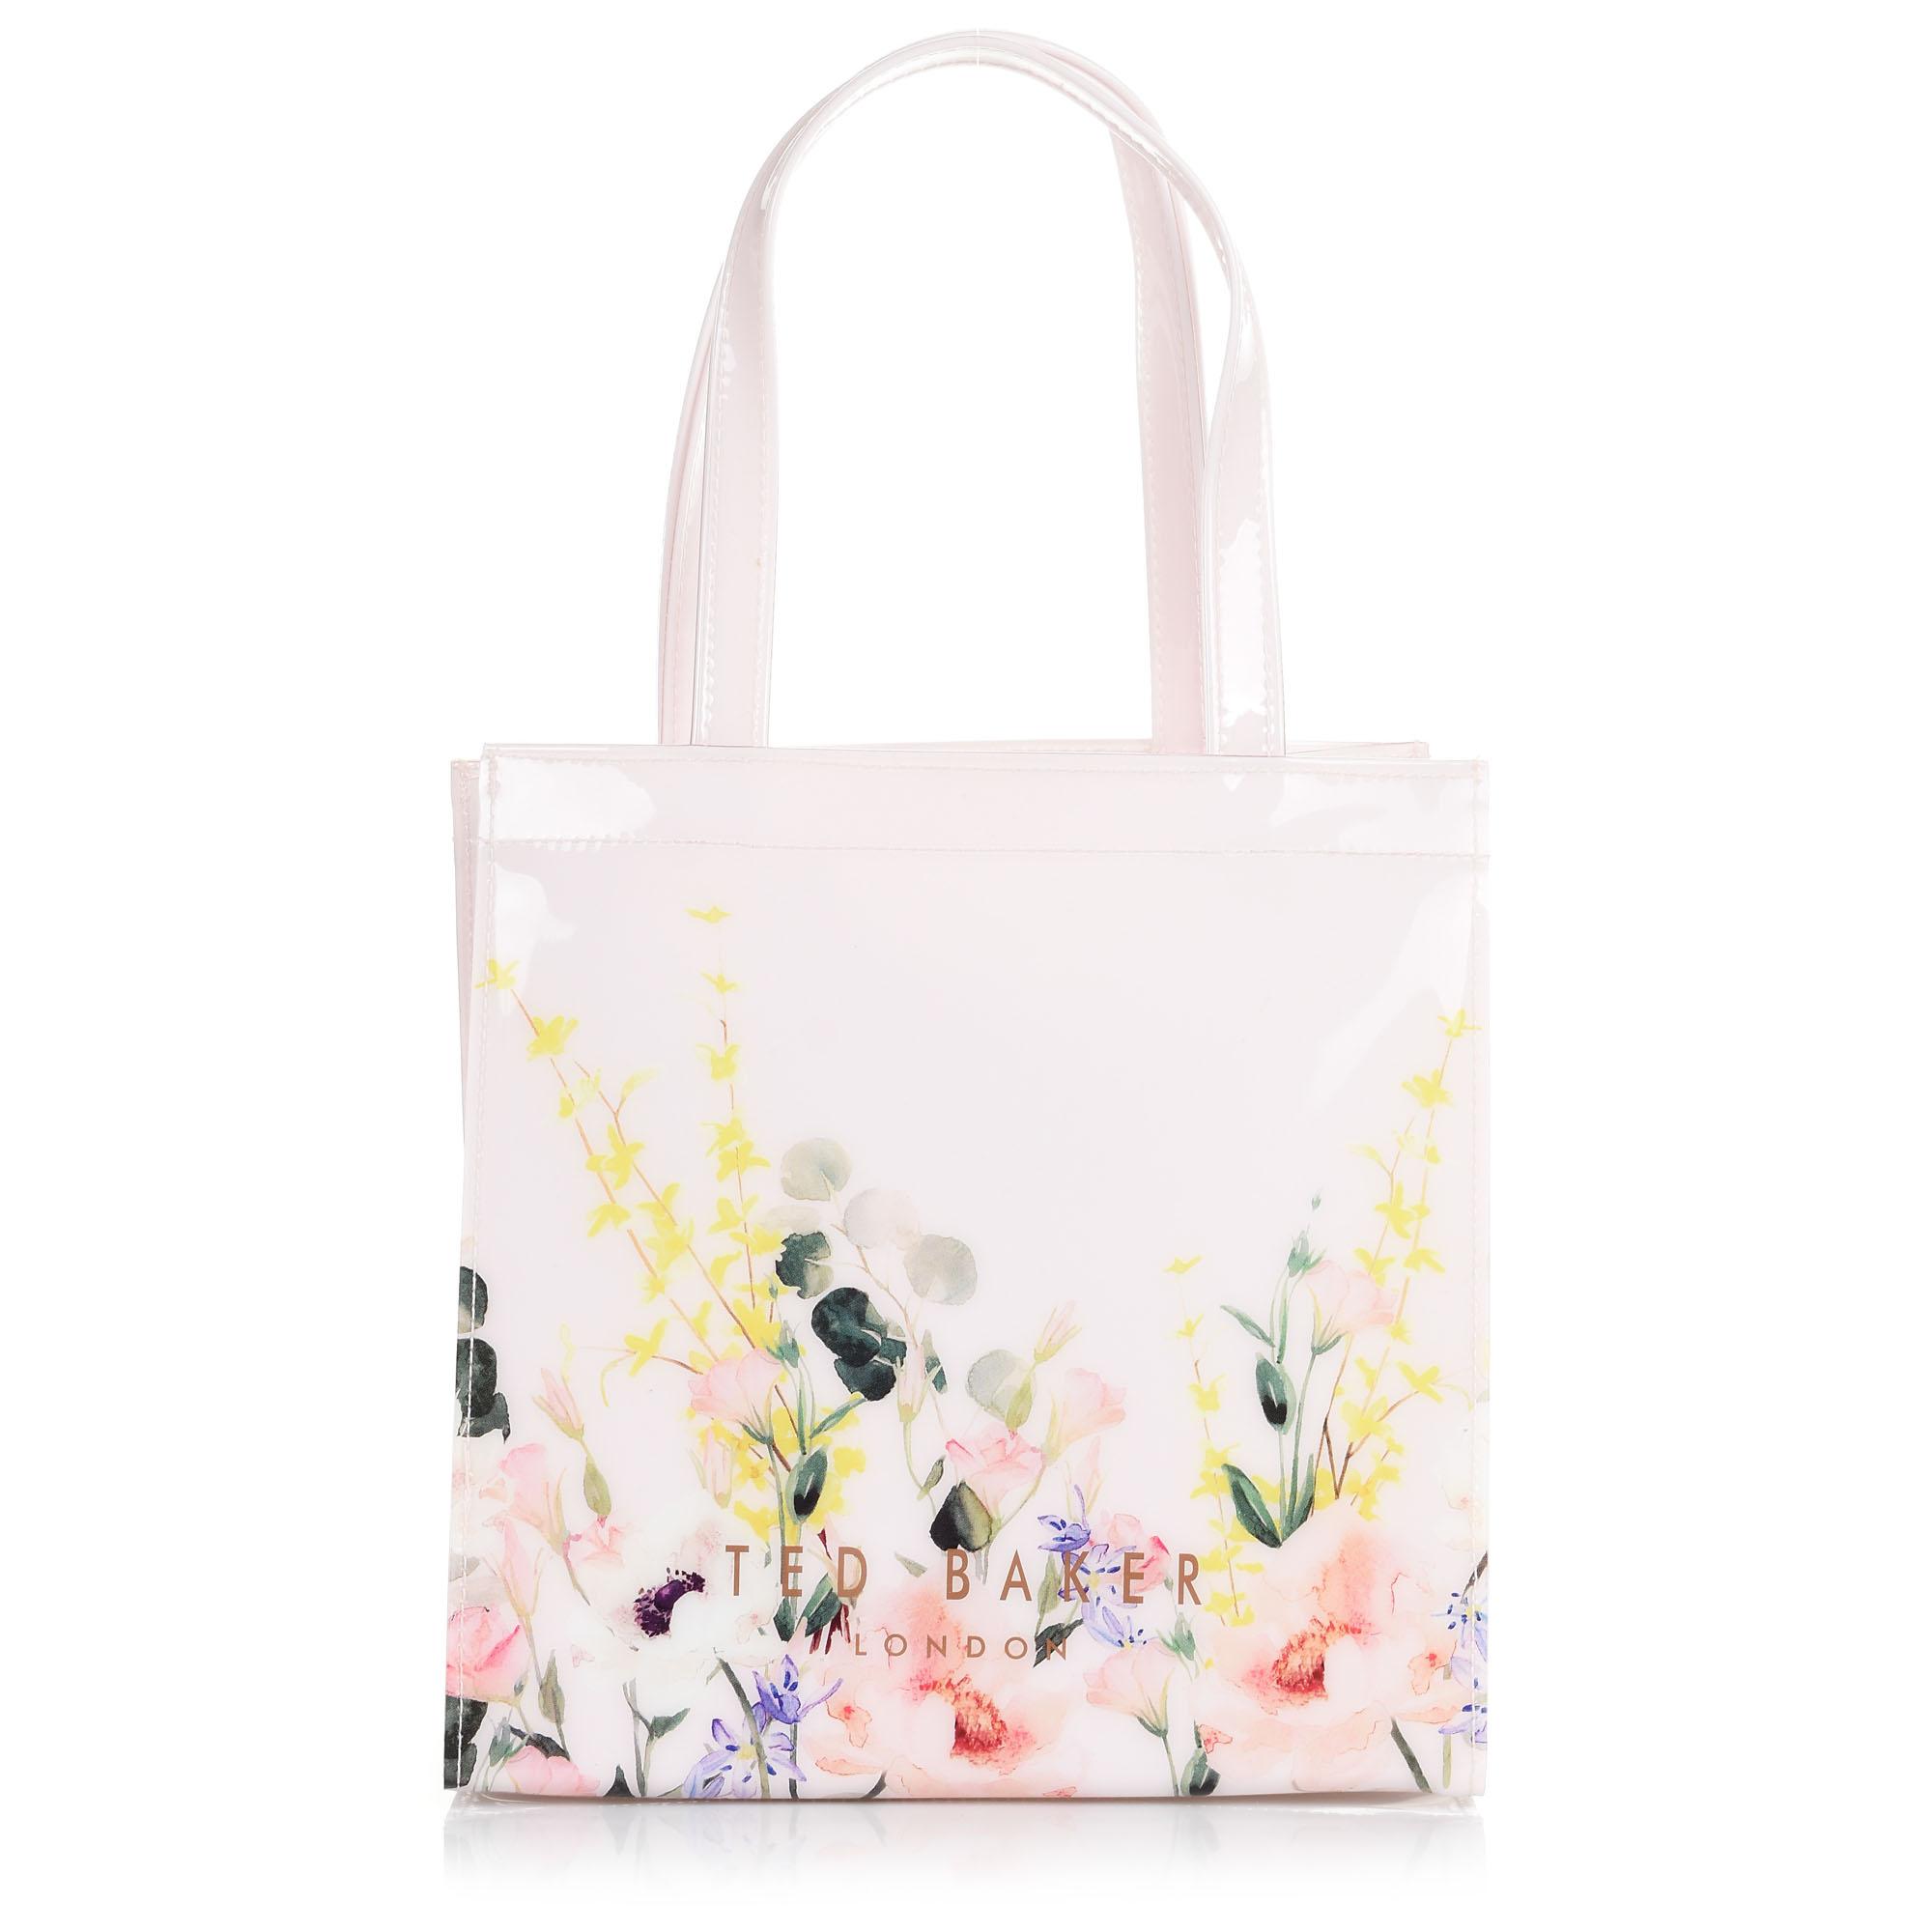 Τσάντα Ώμου Ted Baker Elegant Small Icon Bag WXB-Annacon-XH9W 151042 γυναικα   γυναικεία τσάντα